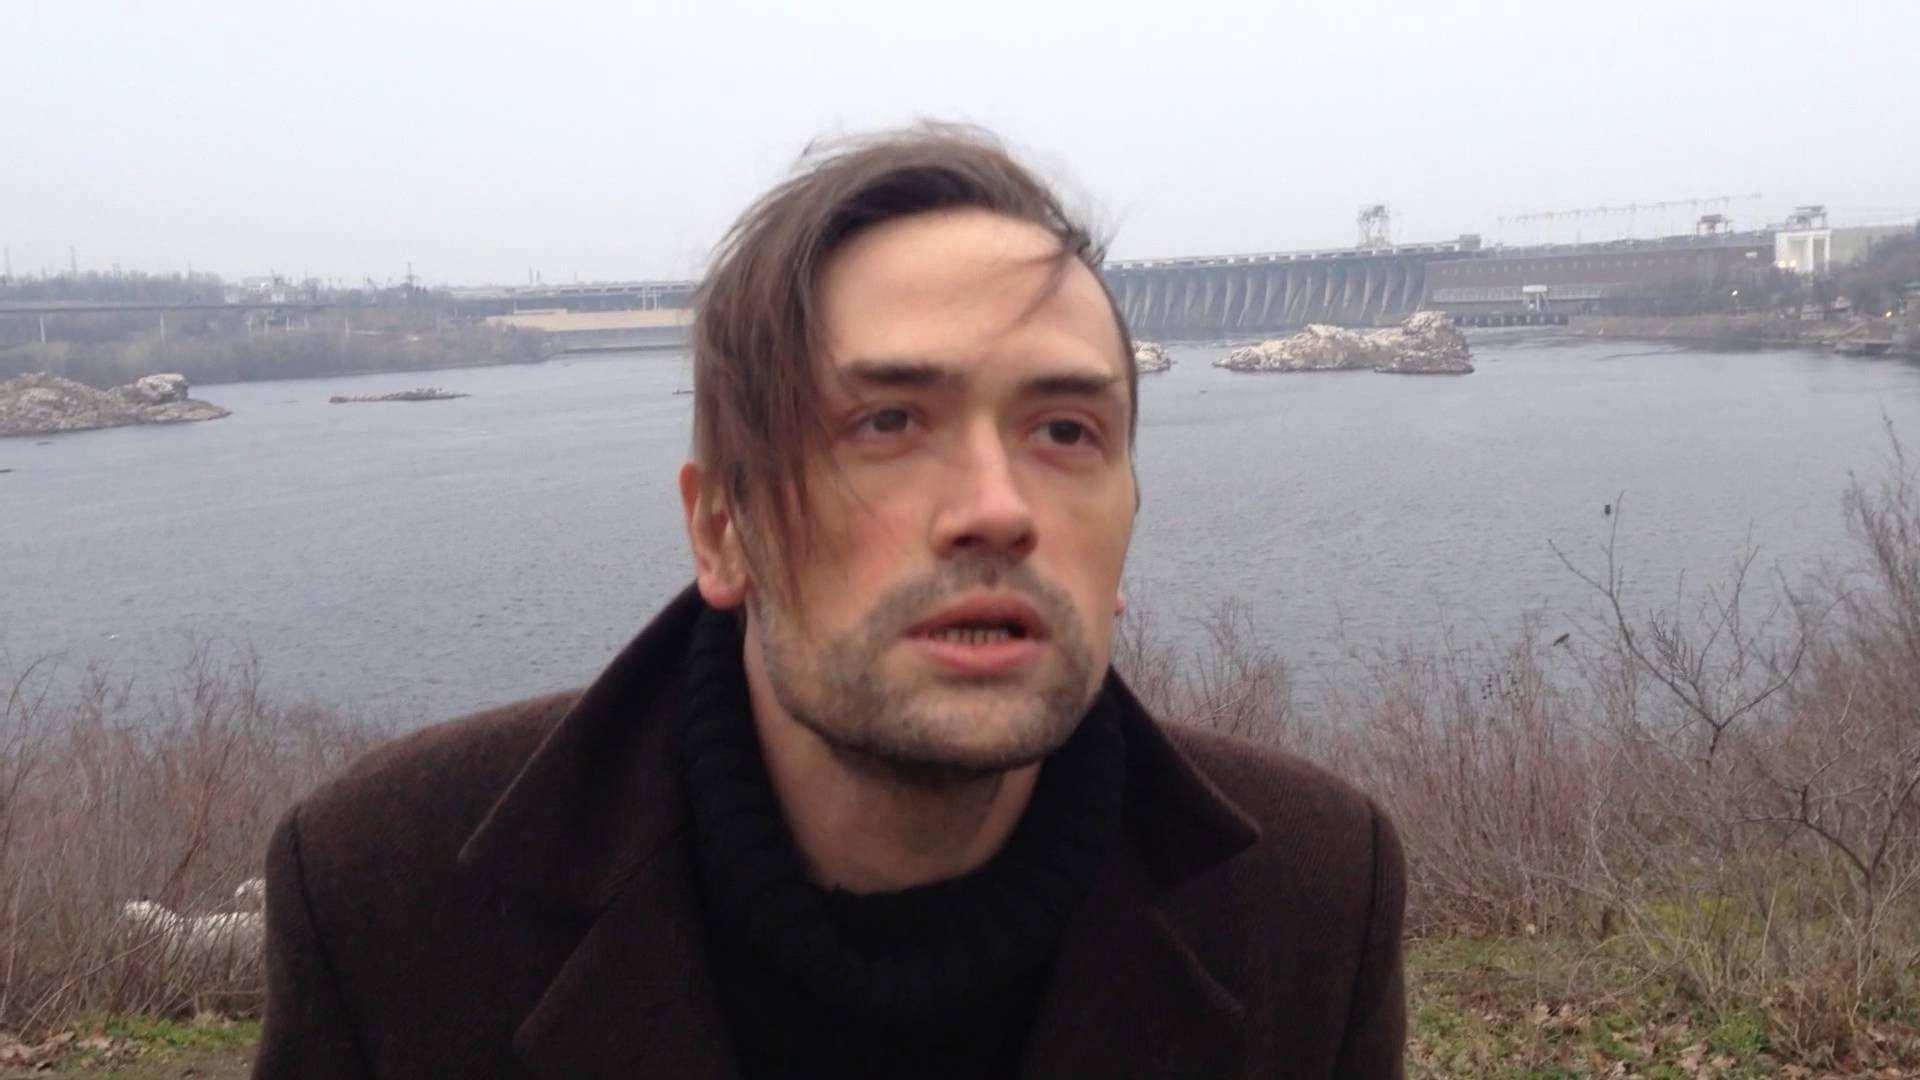 Украинцы — глупцы, разрушающие своё будущее: актёр-«атошник» Пашинин жалуется на неблагодарность и унижения   Русская весна